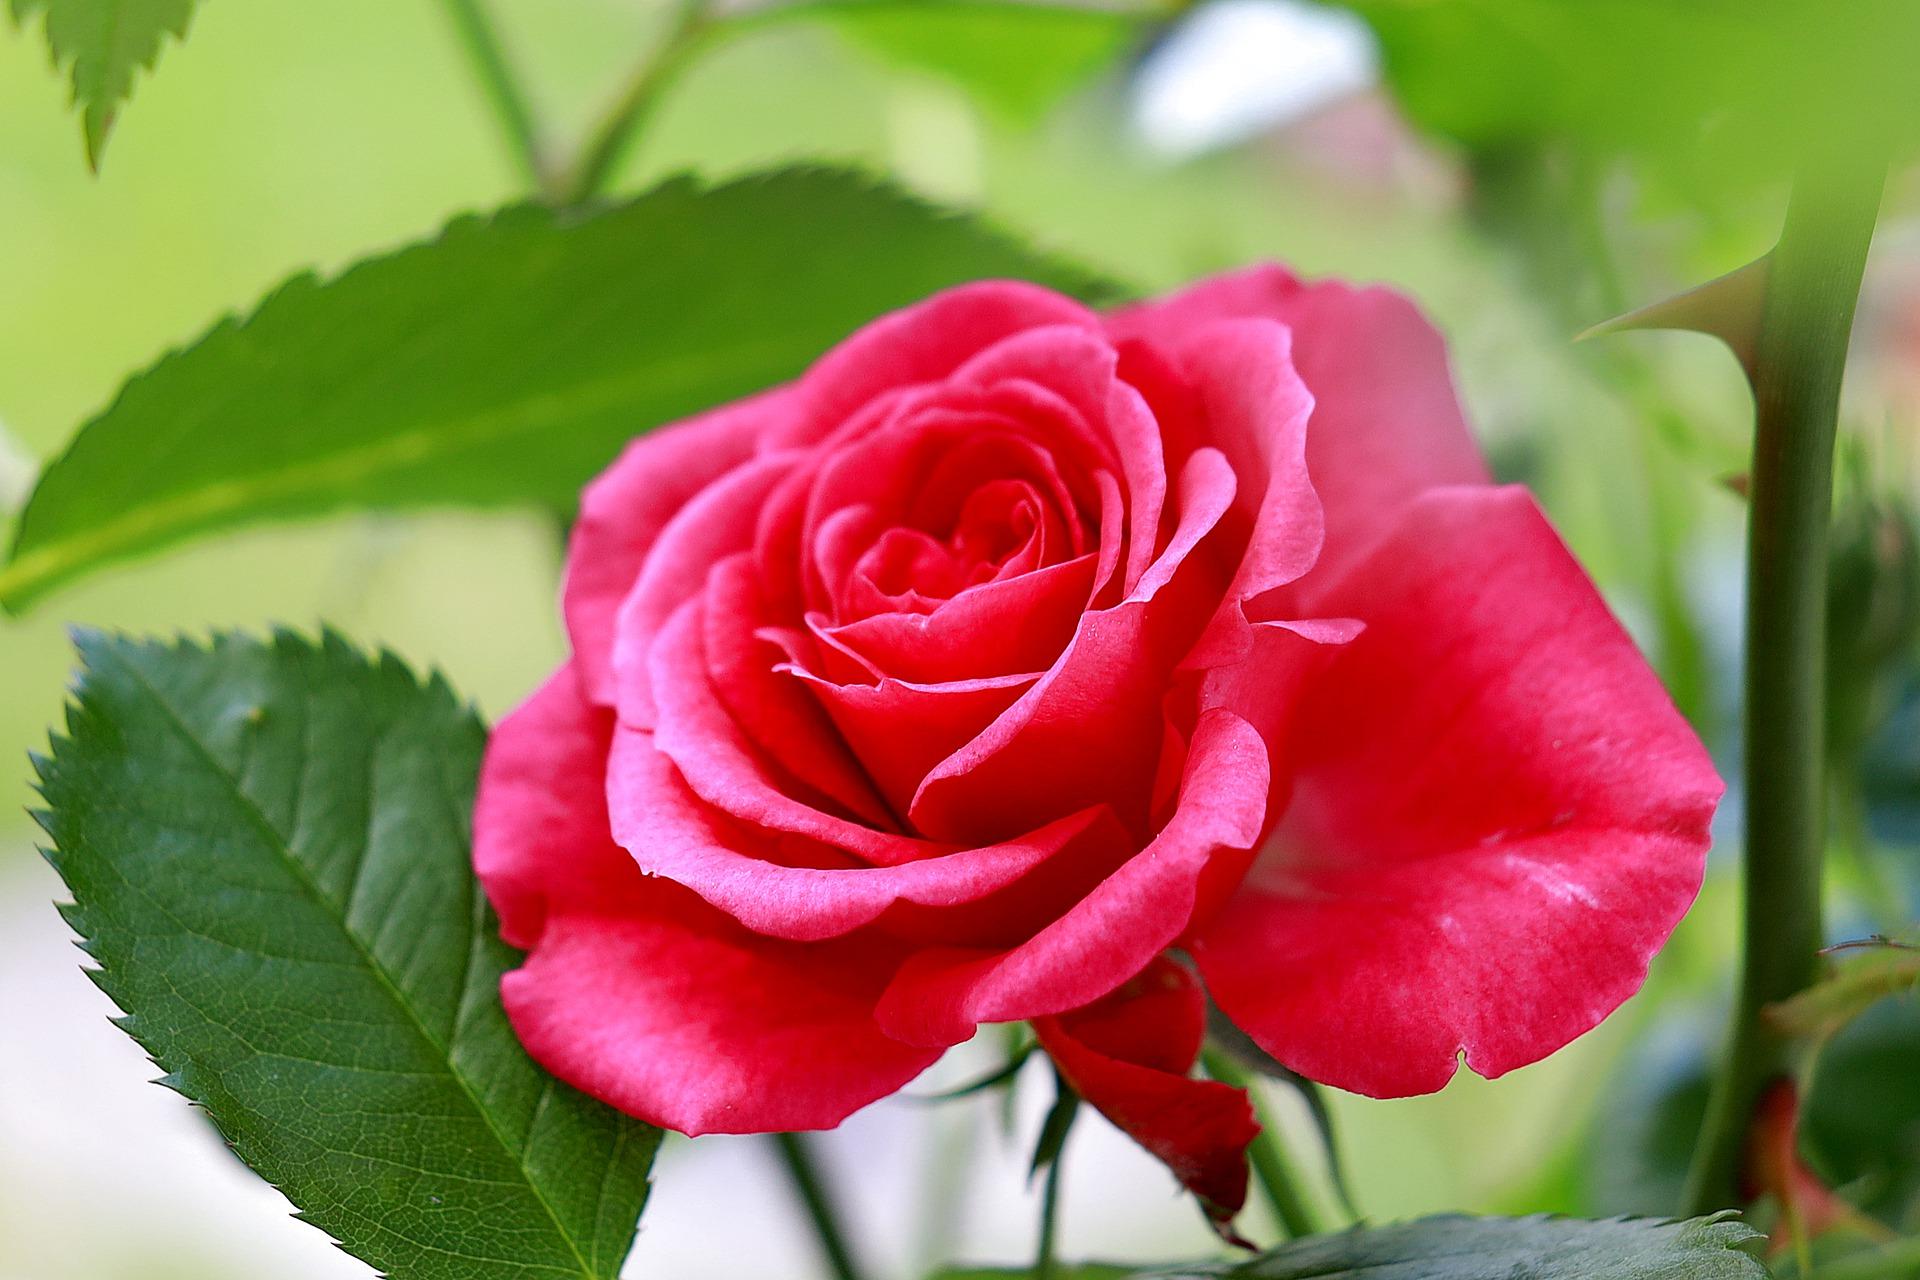 rose-5322911_1920